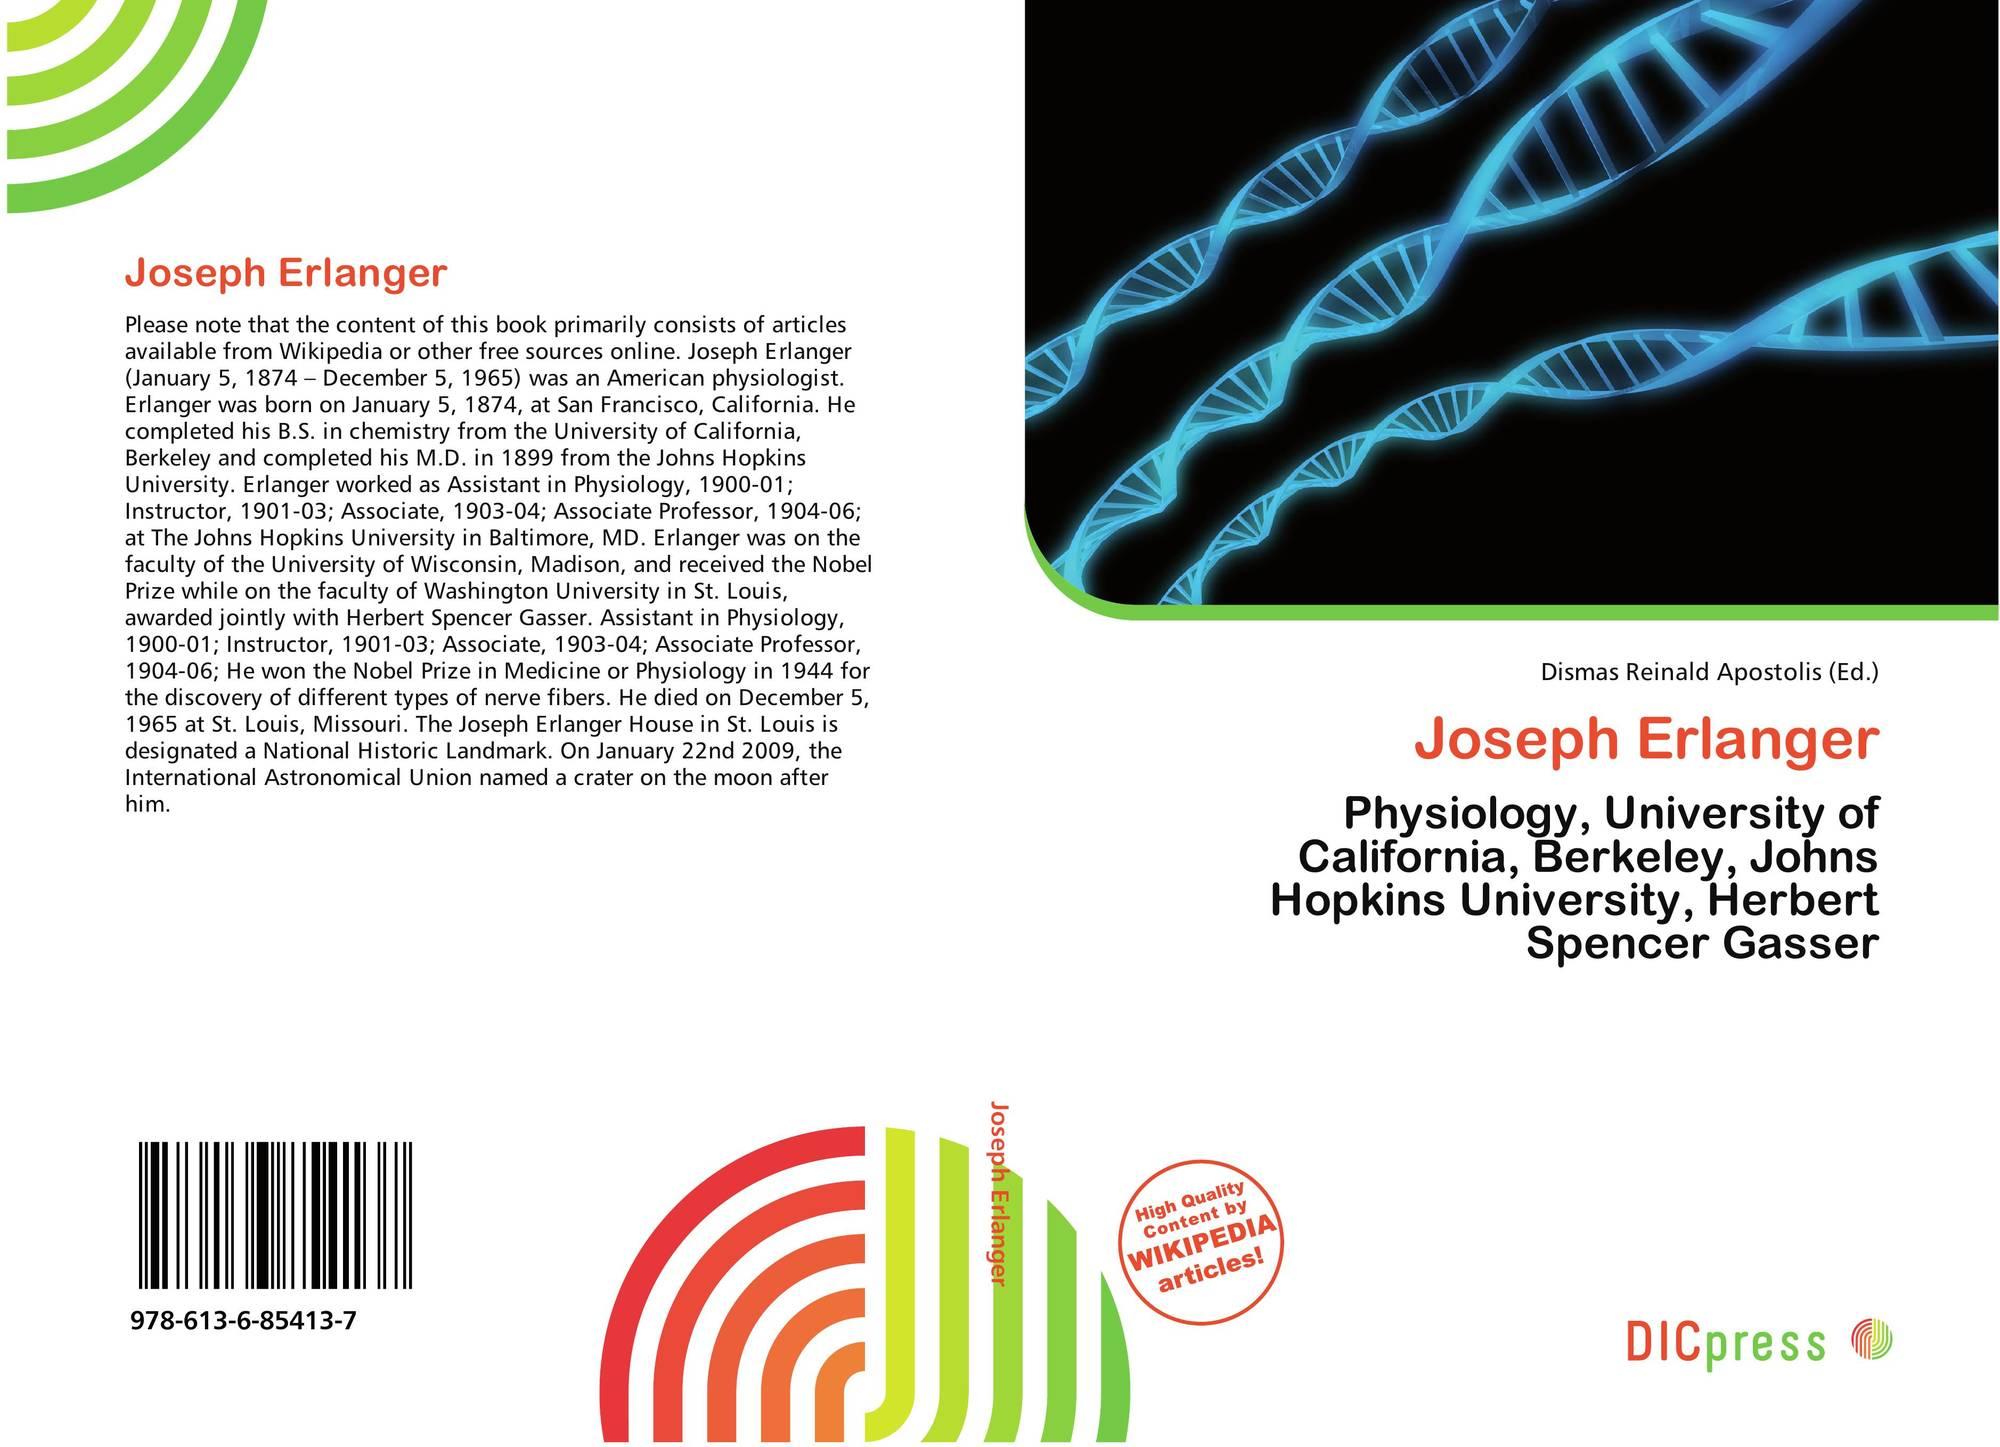 Joseph Erlanger, 978-613-6-85413-7, 6136854139 ,9786136854137